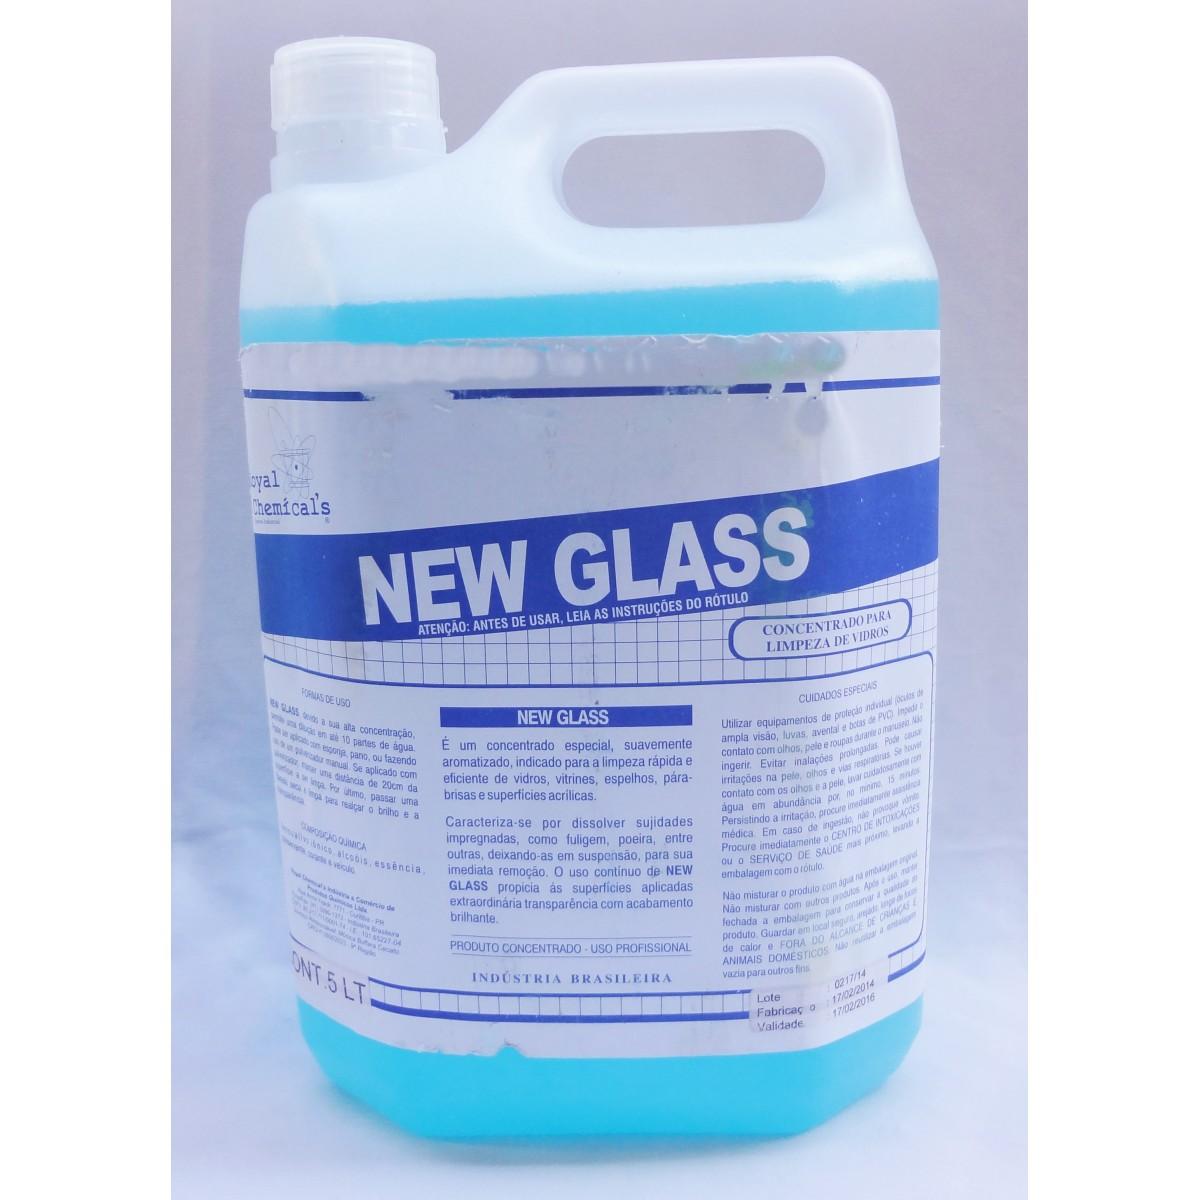 NEW GLASS - CONCENTRADO PARA LIMPEZA DE VIDROS GALÃO DE 5 LITROS  - USAR Super Ofertas